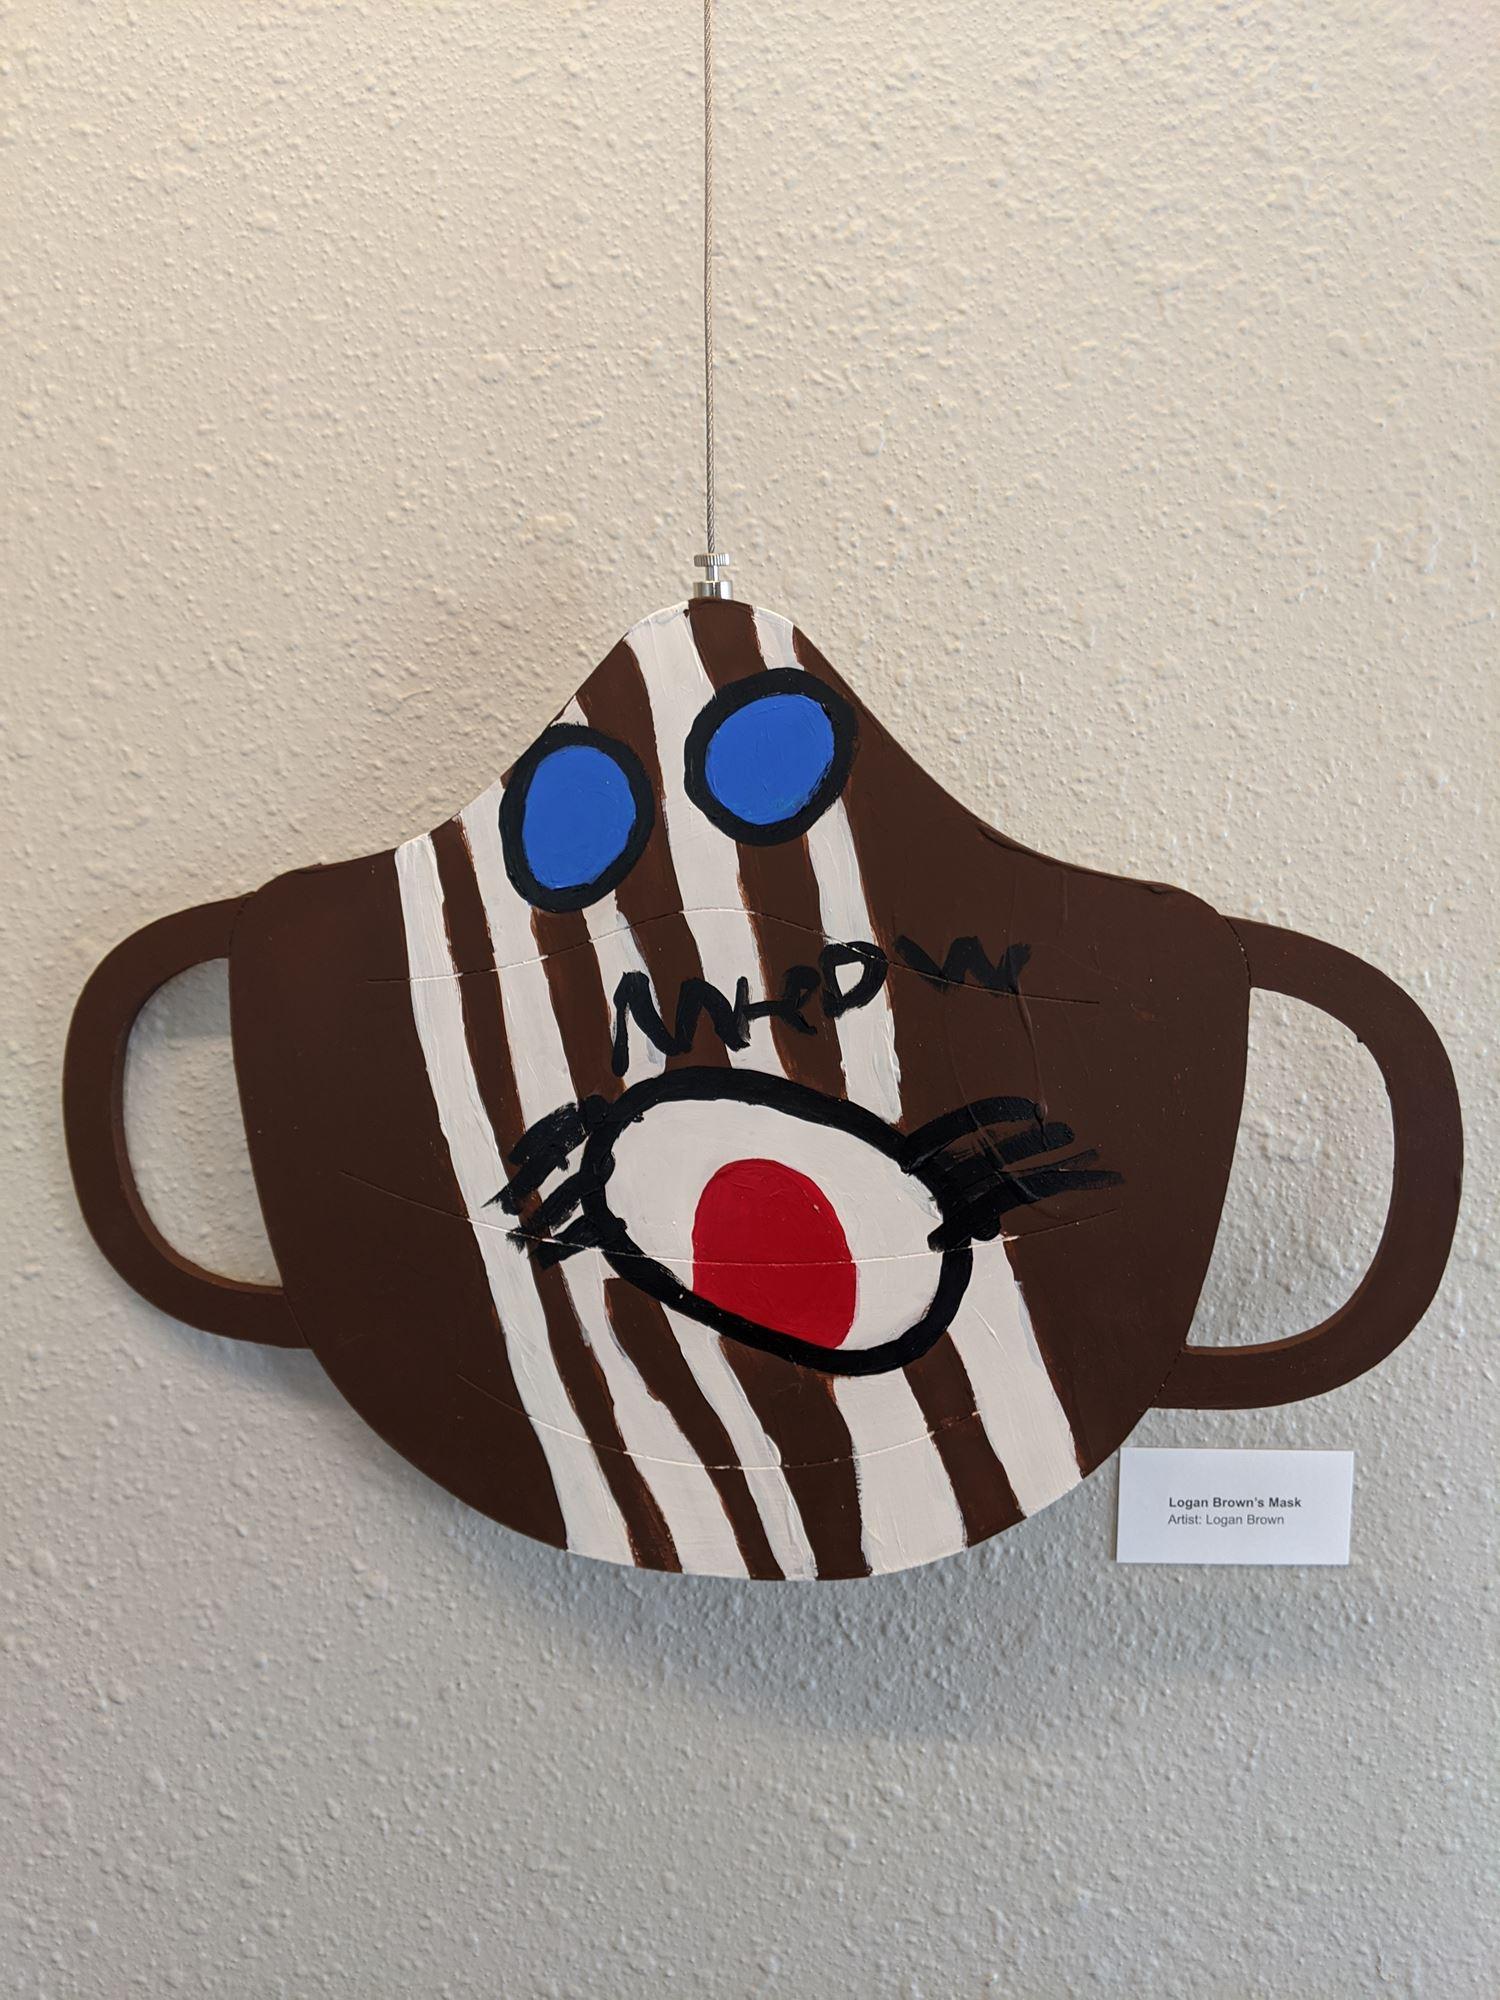 Logan Brown- Logan Brown's Mask